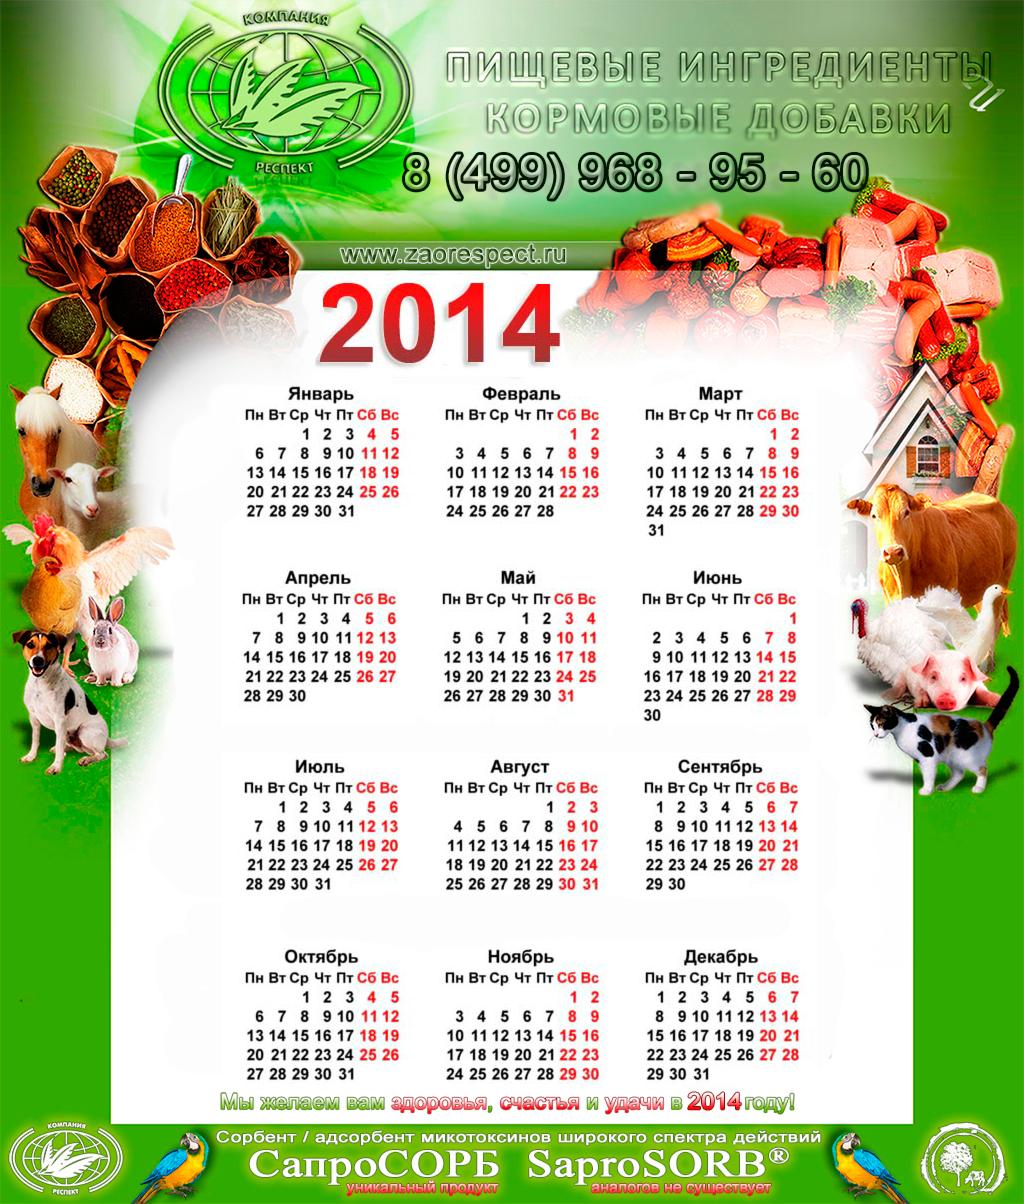 Календарь 2014 ЗАО РЕСПЕКТ, Кормовые добавки, Пищевые Ингредиенты, Сапросорб, животноводство